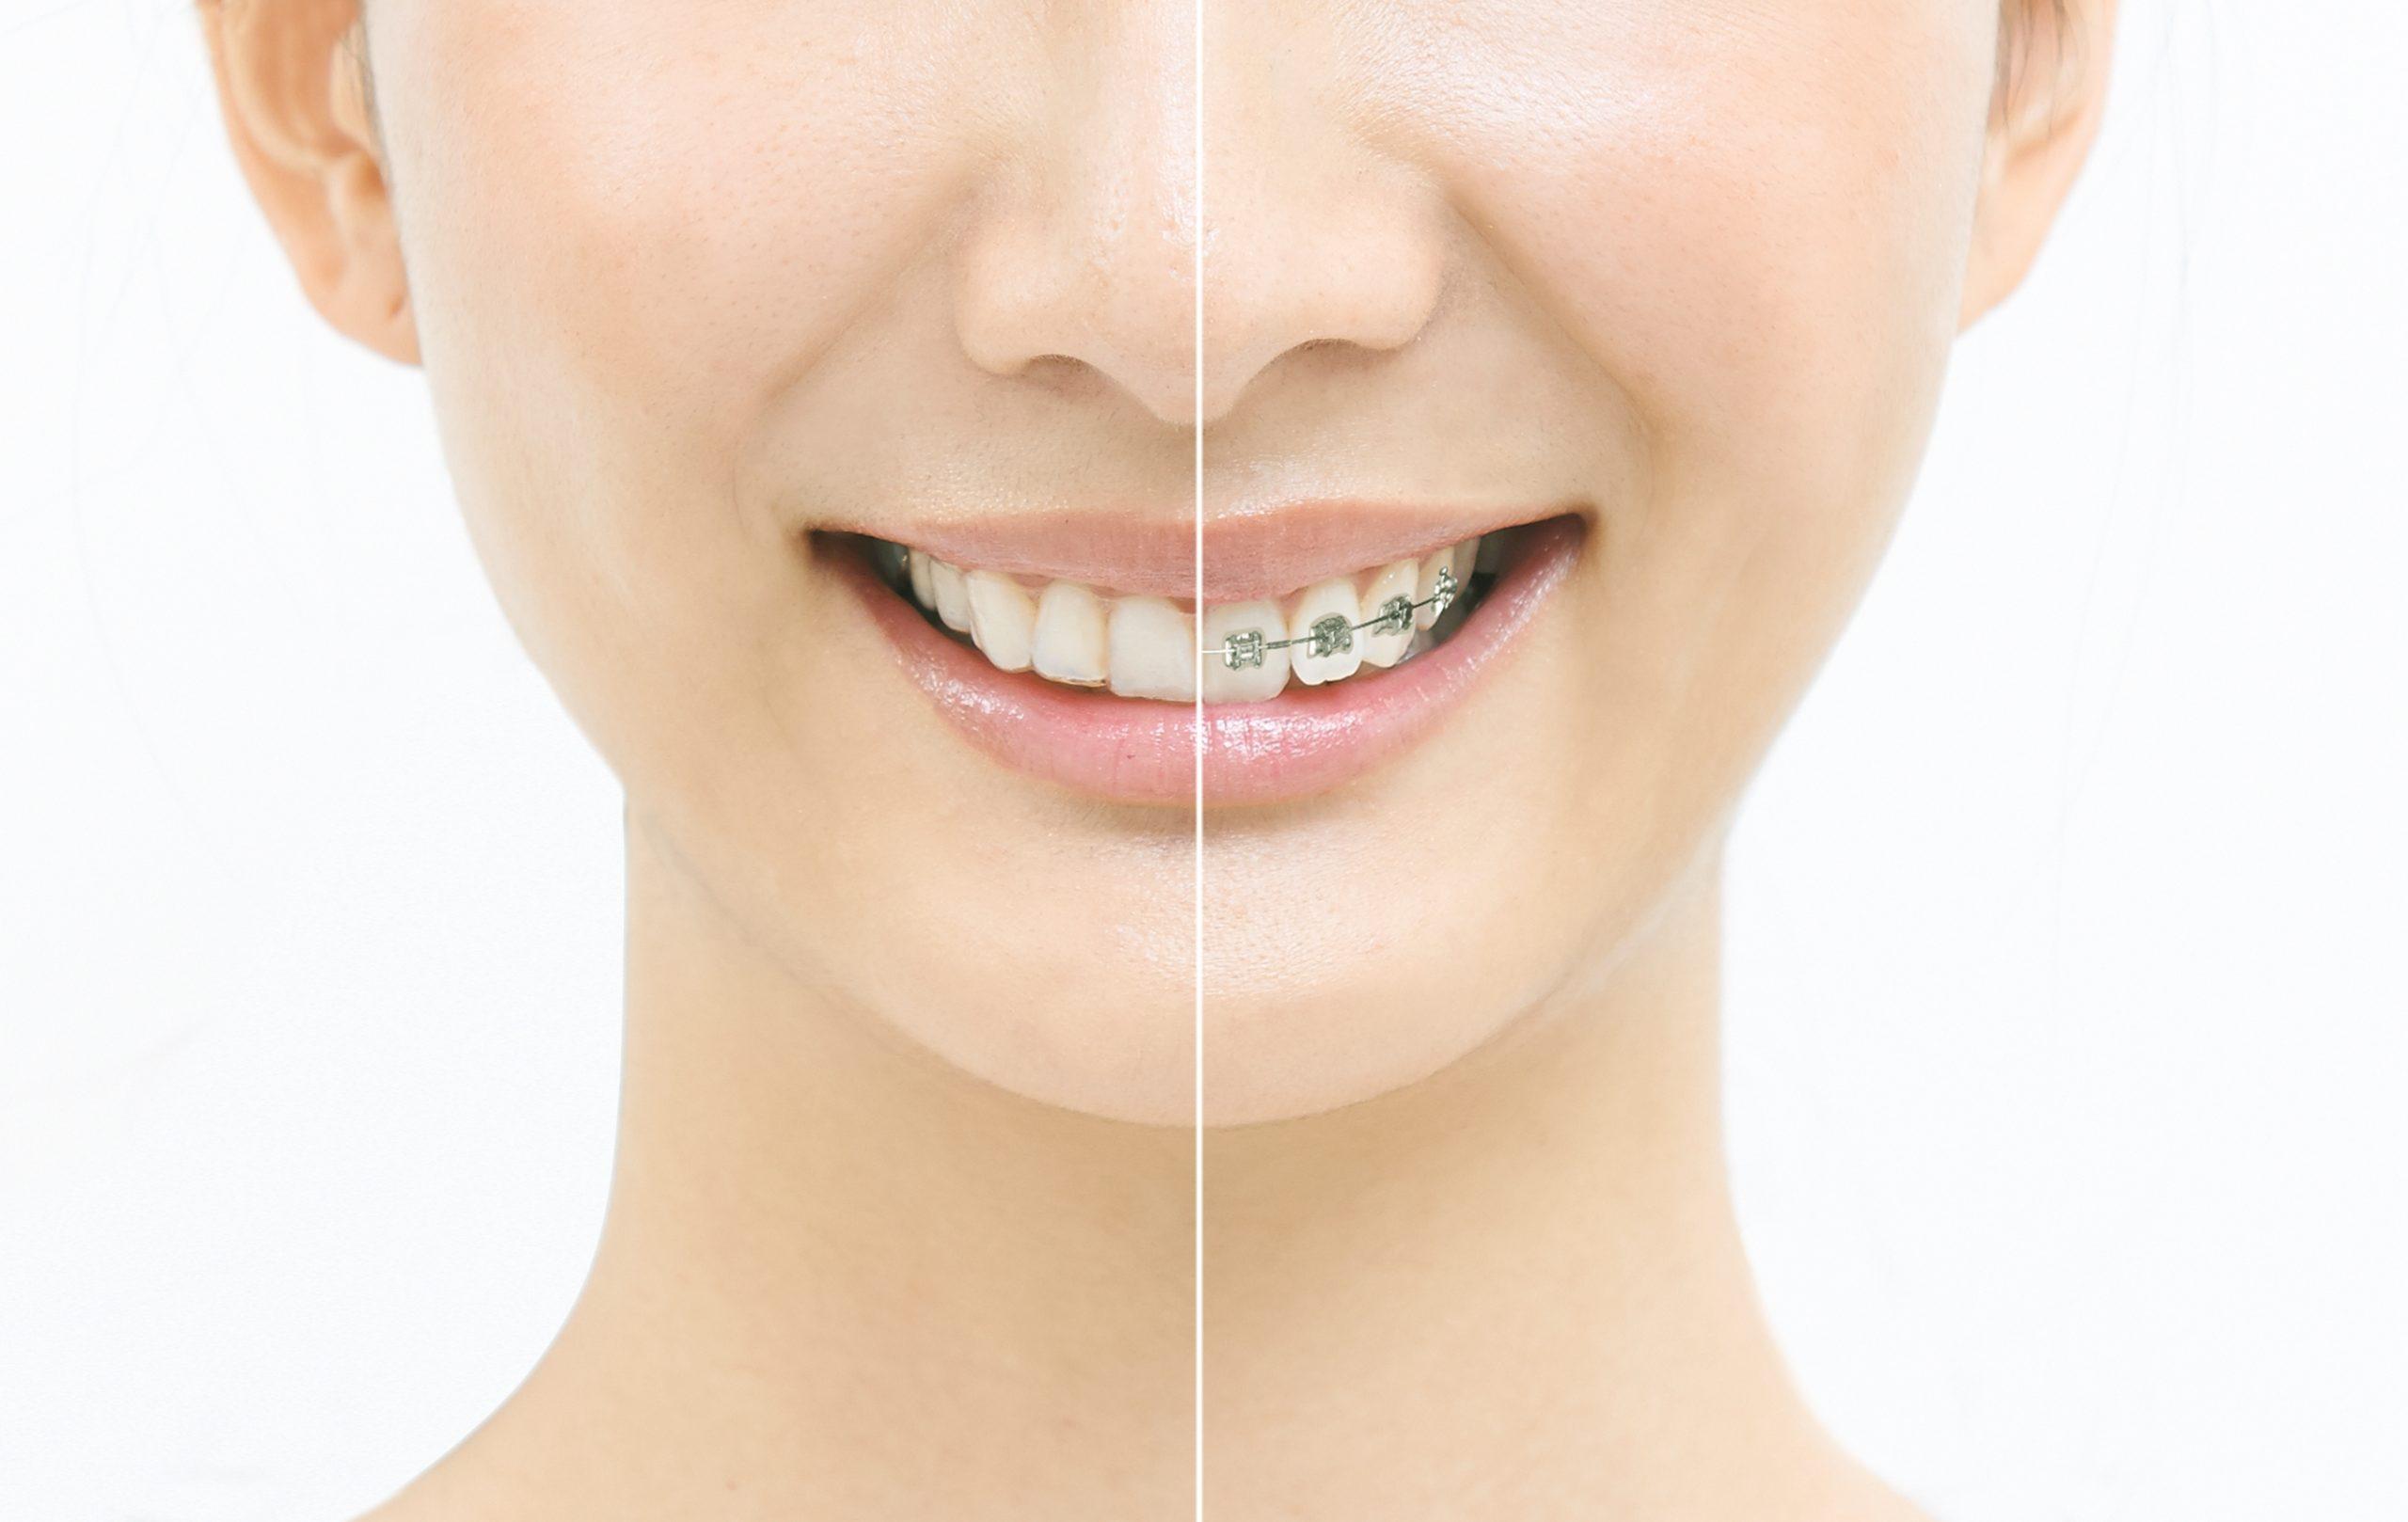 矯正装置を装着し、歯の移動を開始